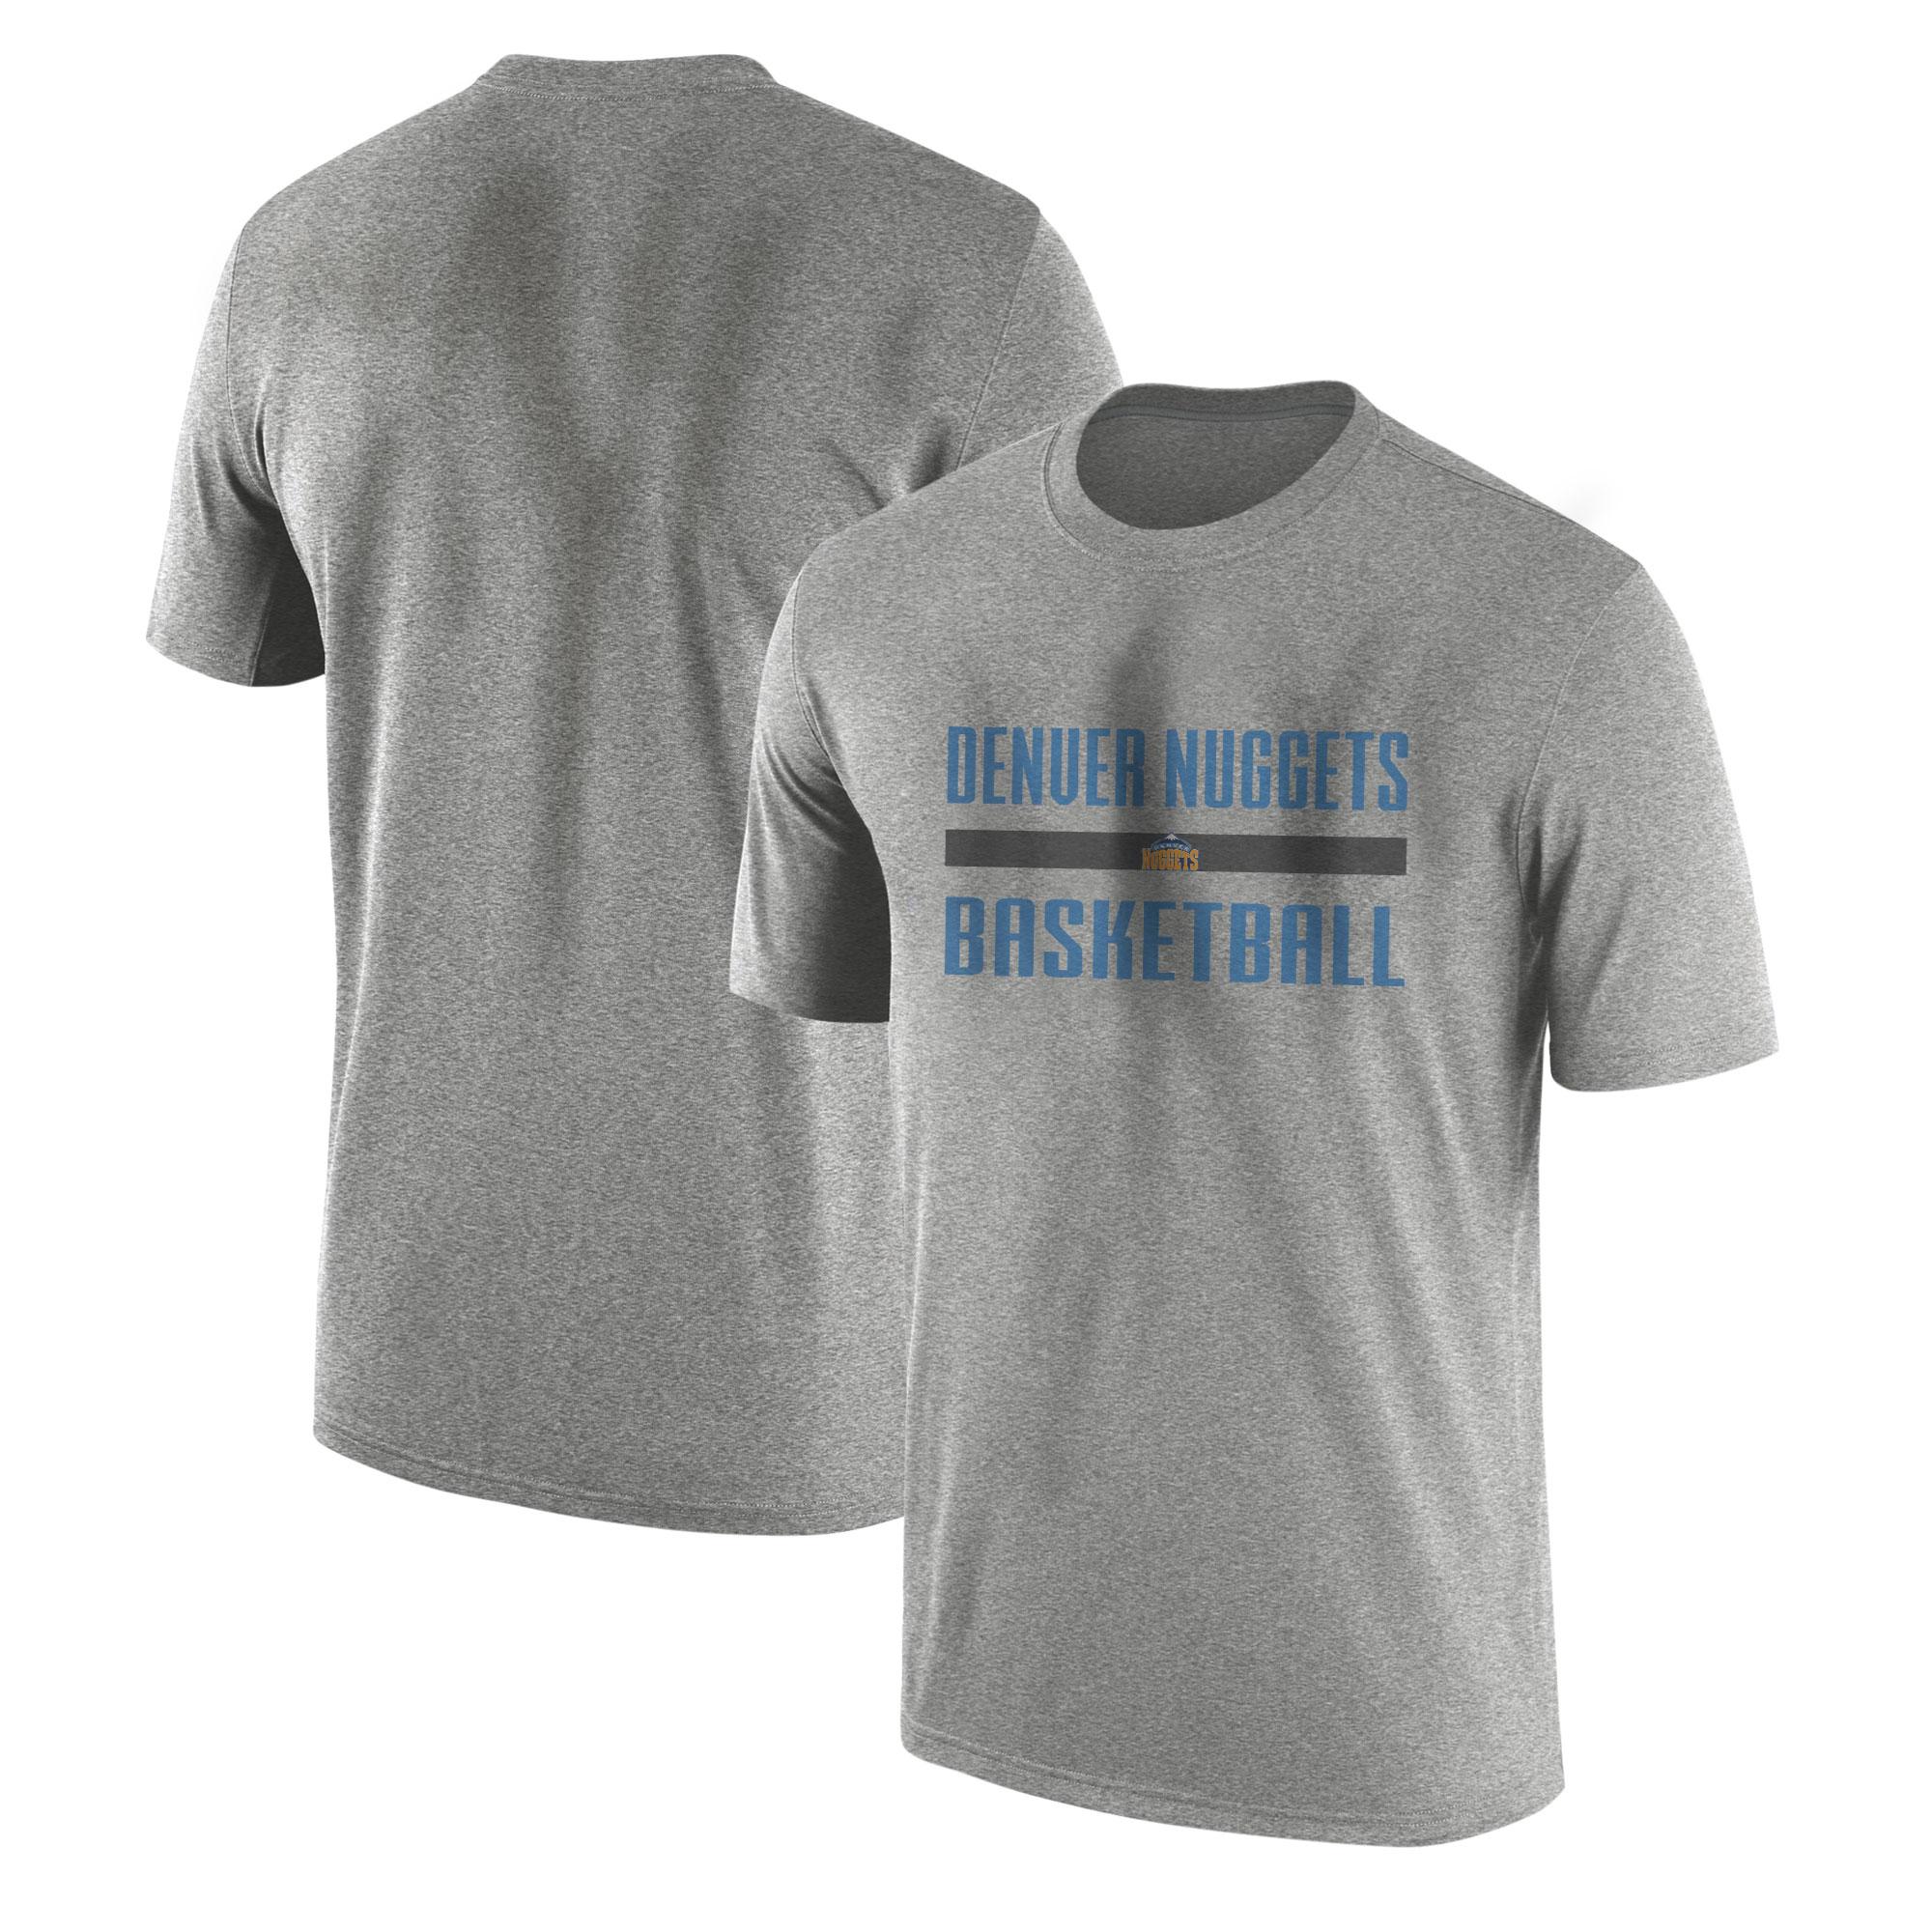 Denver  Basketball Tshirt (TSH-GRY-NP-nuggets.bsktbll-509)